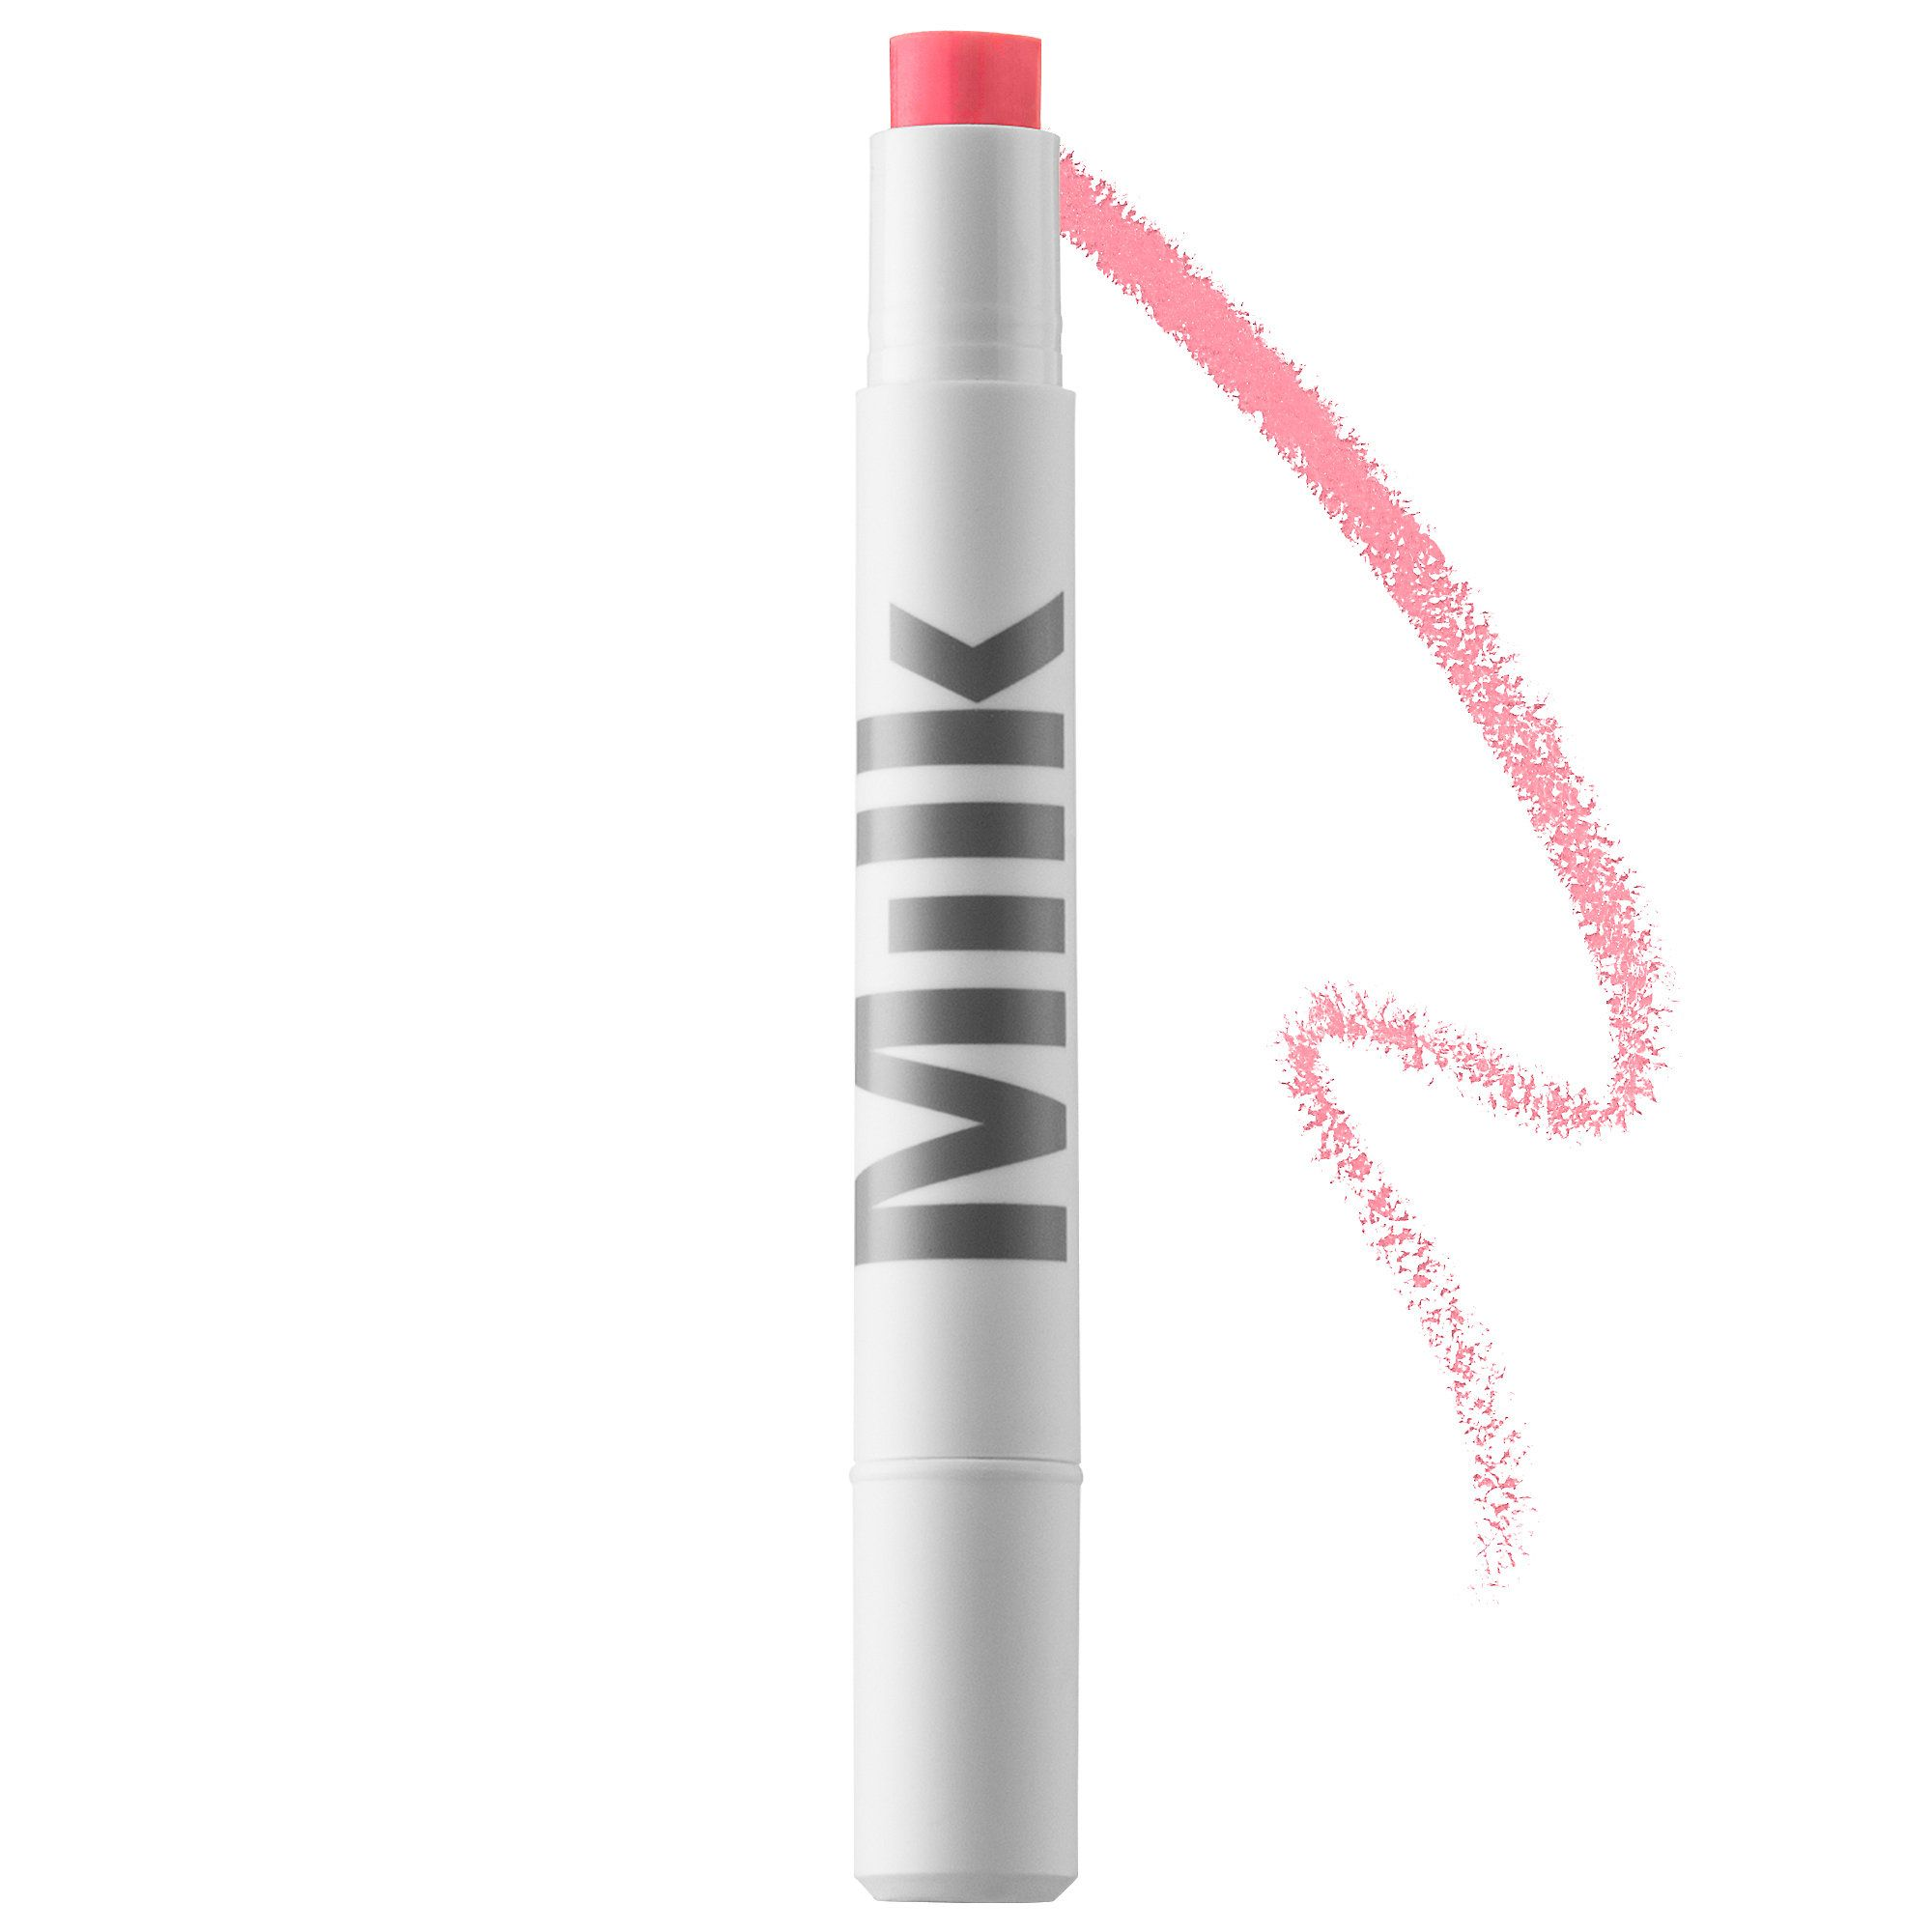 MILK Makeup Balm Tint Babe Milk makeup sephora, Milk